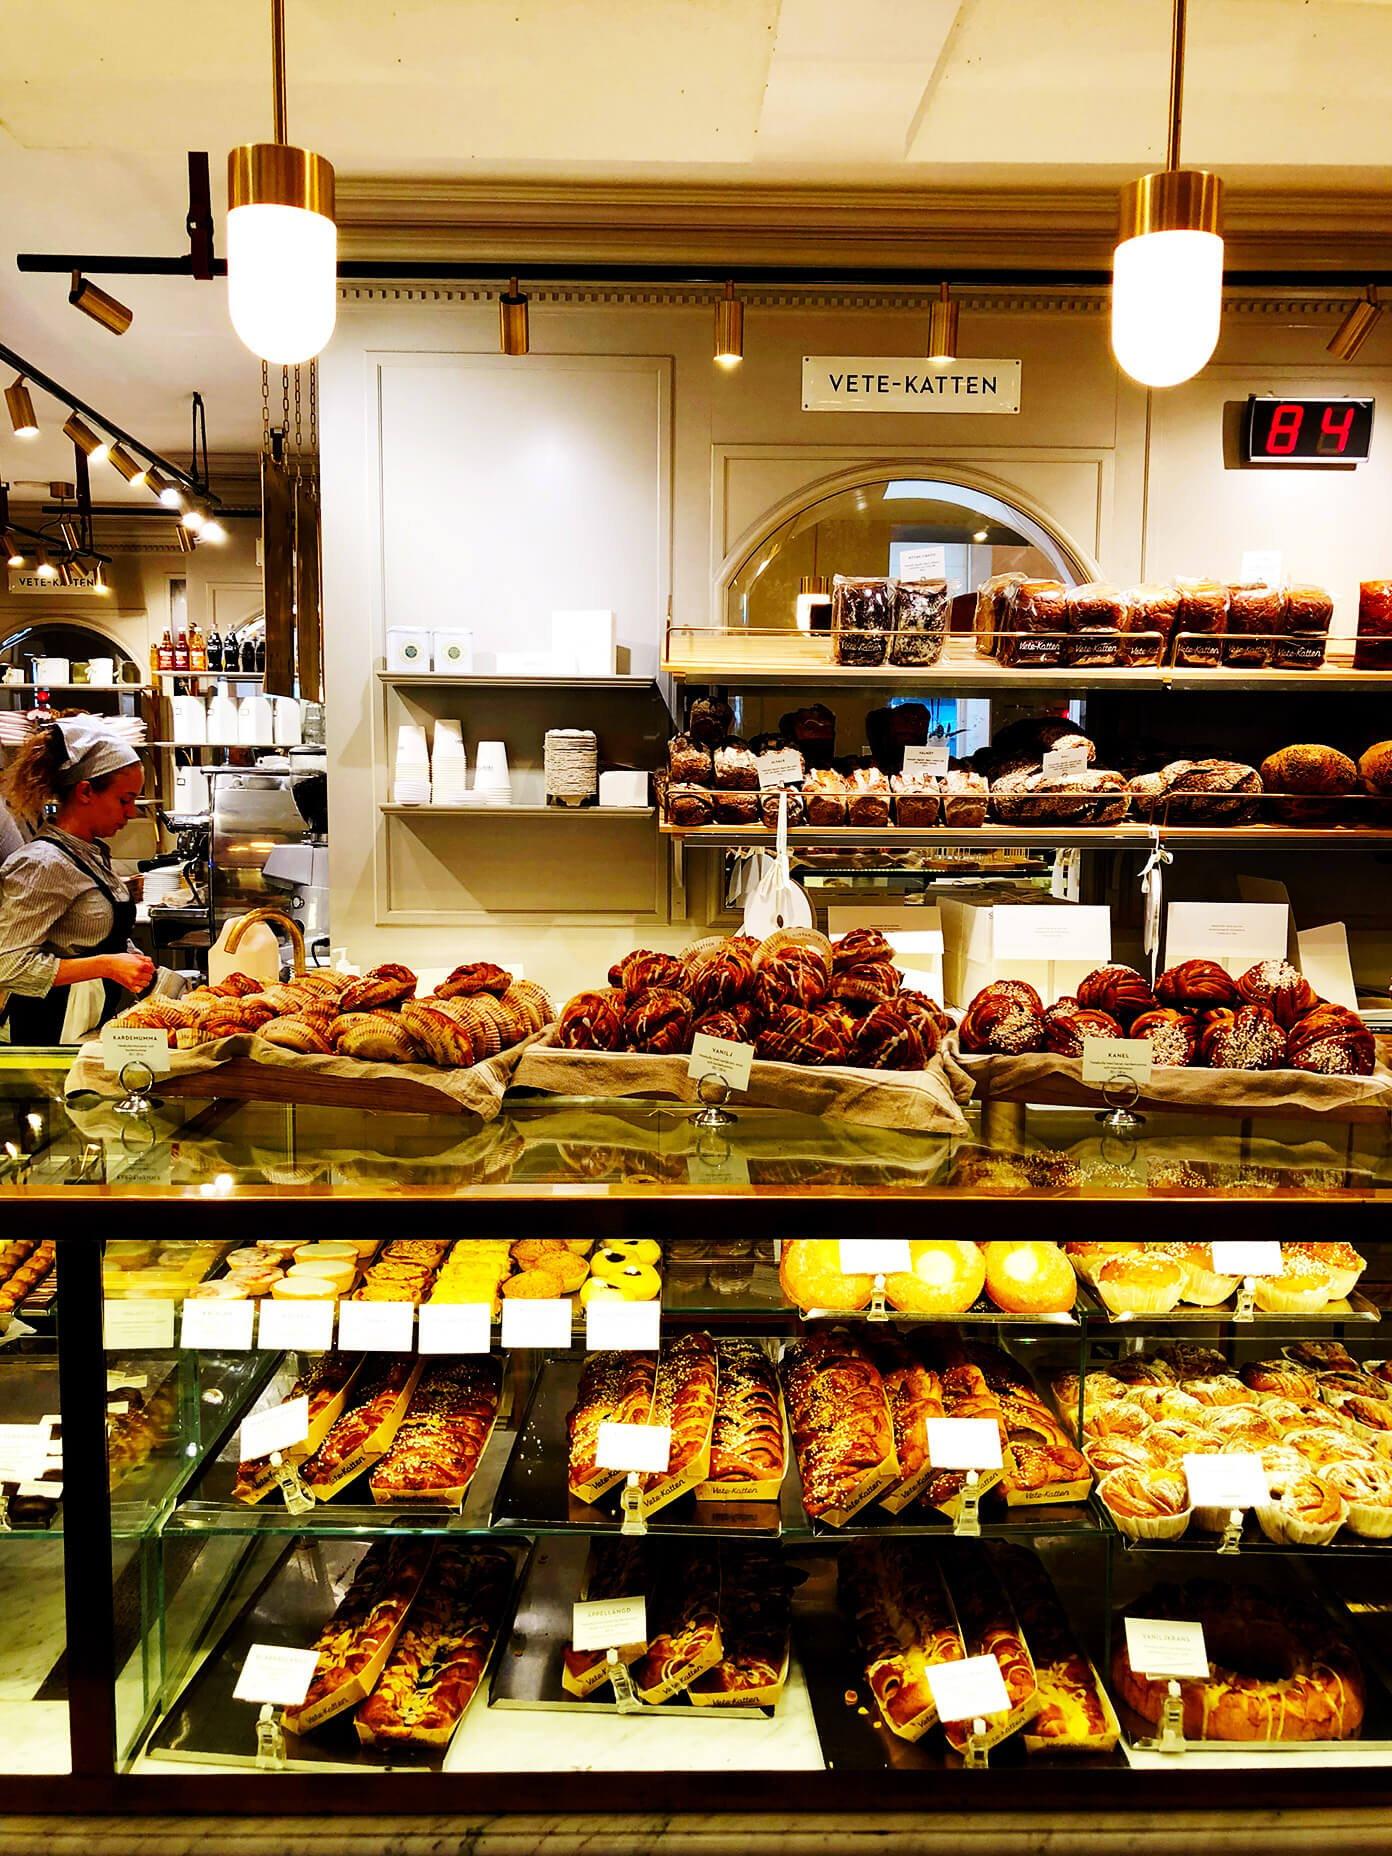 Exquisite baked goods from Vete-Katten in Stockhom, Sweden